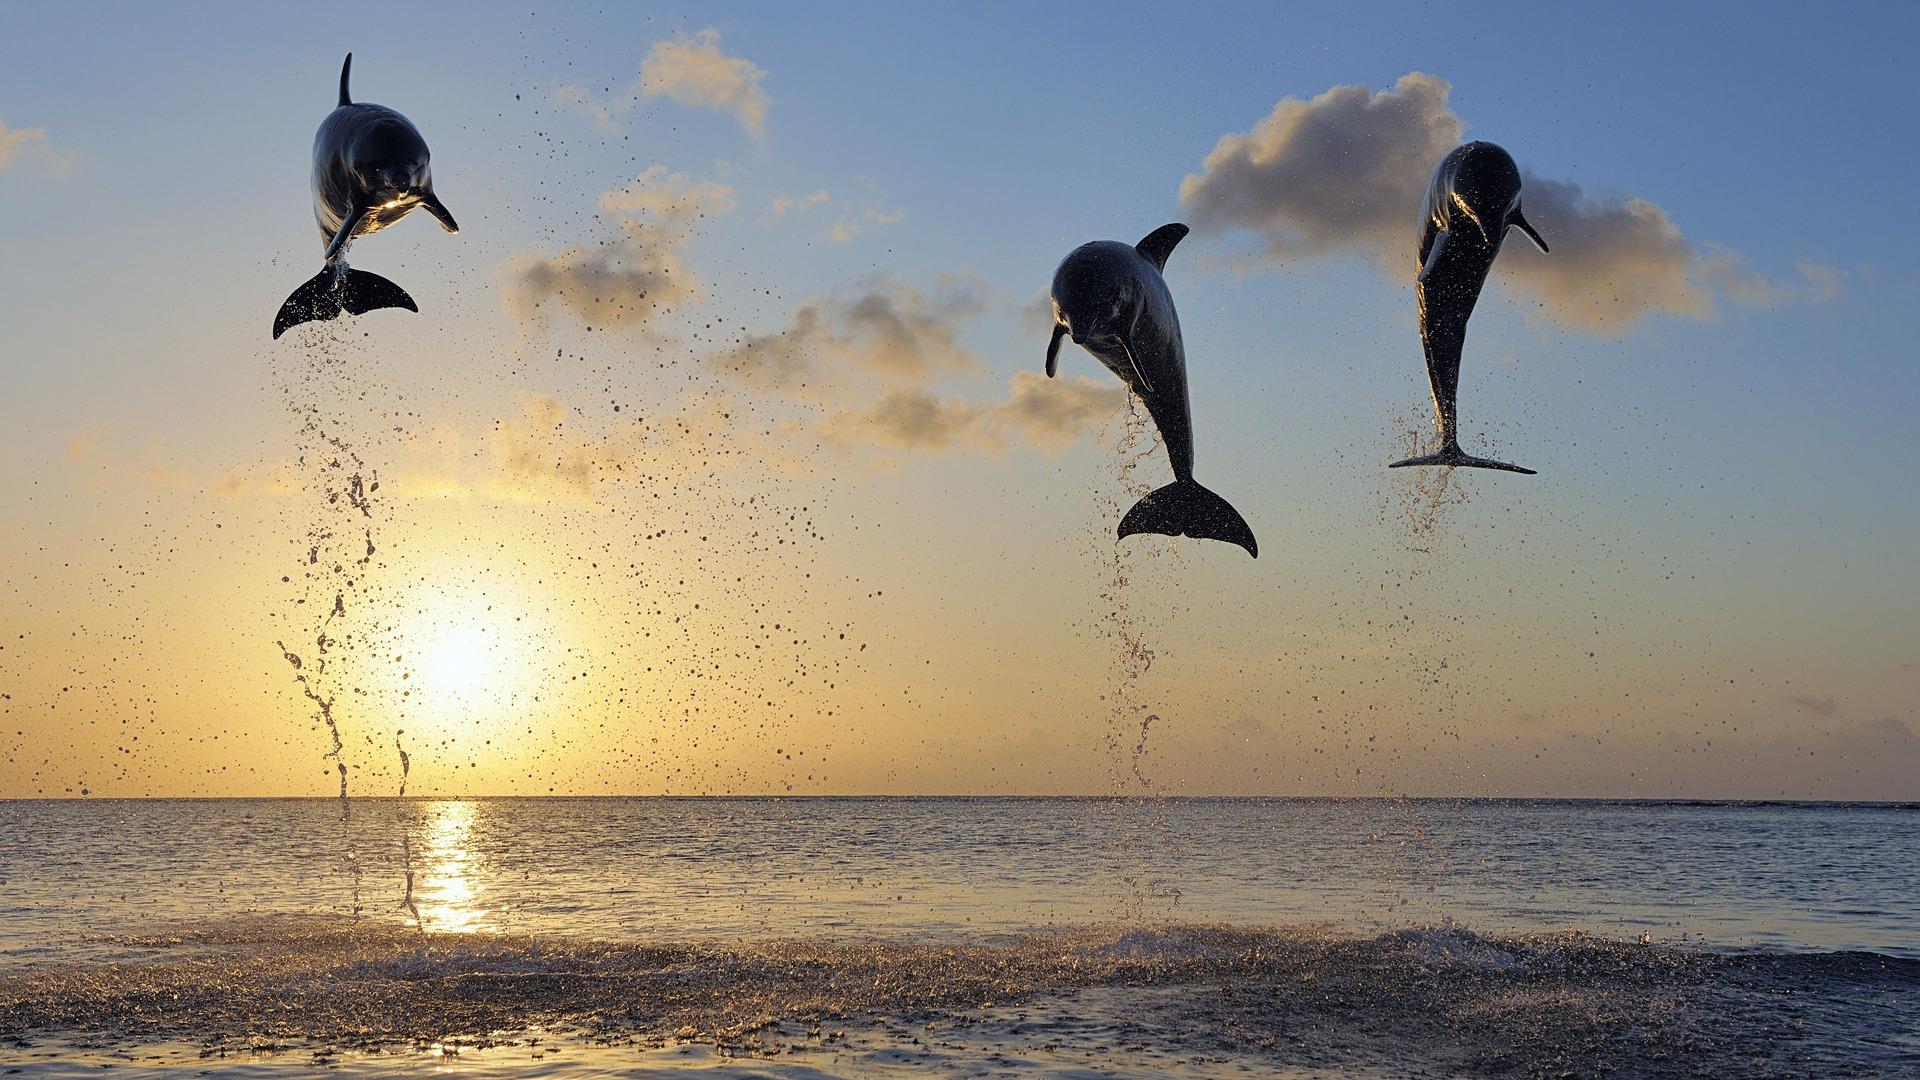 イルカのジャンプ Windows のhdの壁紙プレビュー 10wallpaper Com